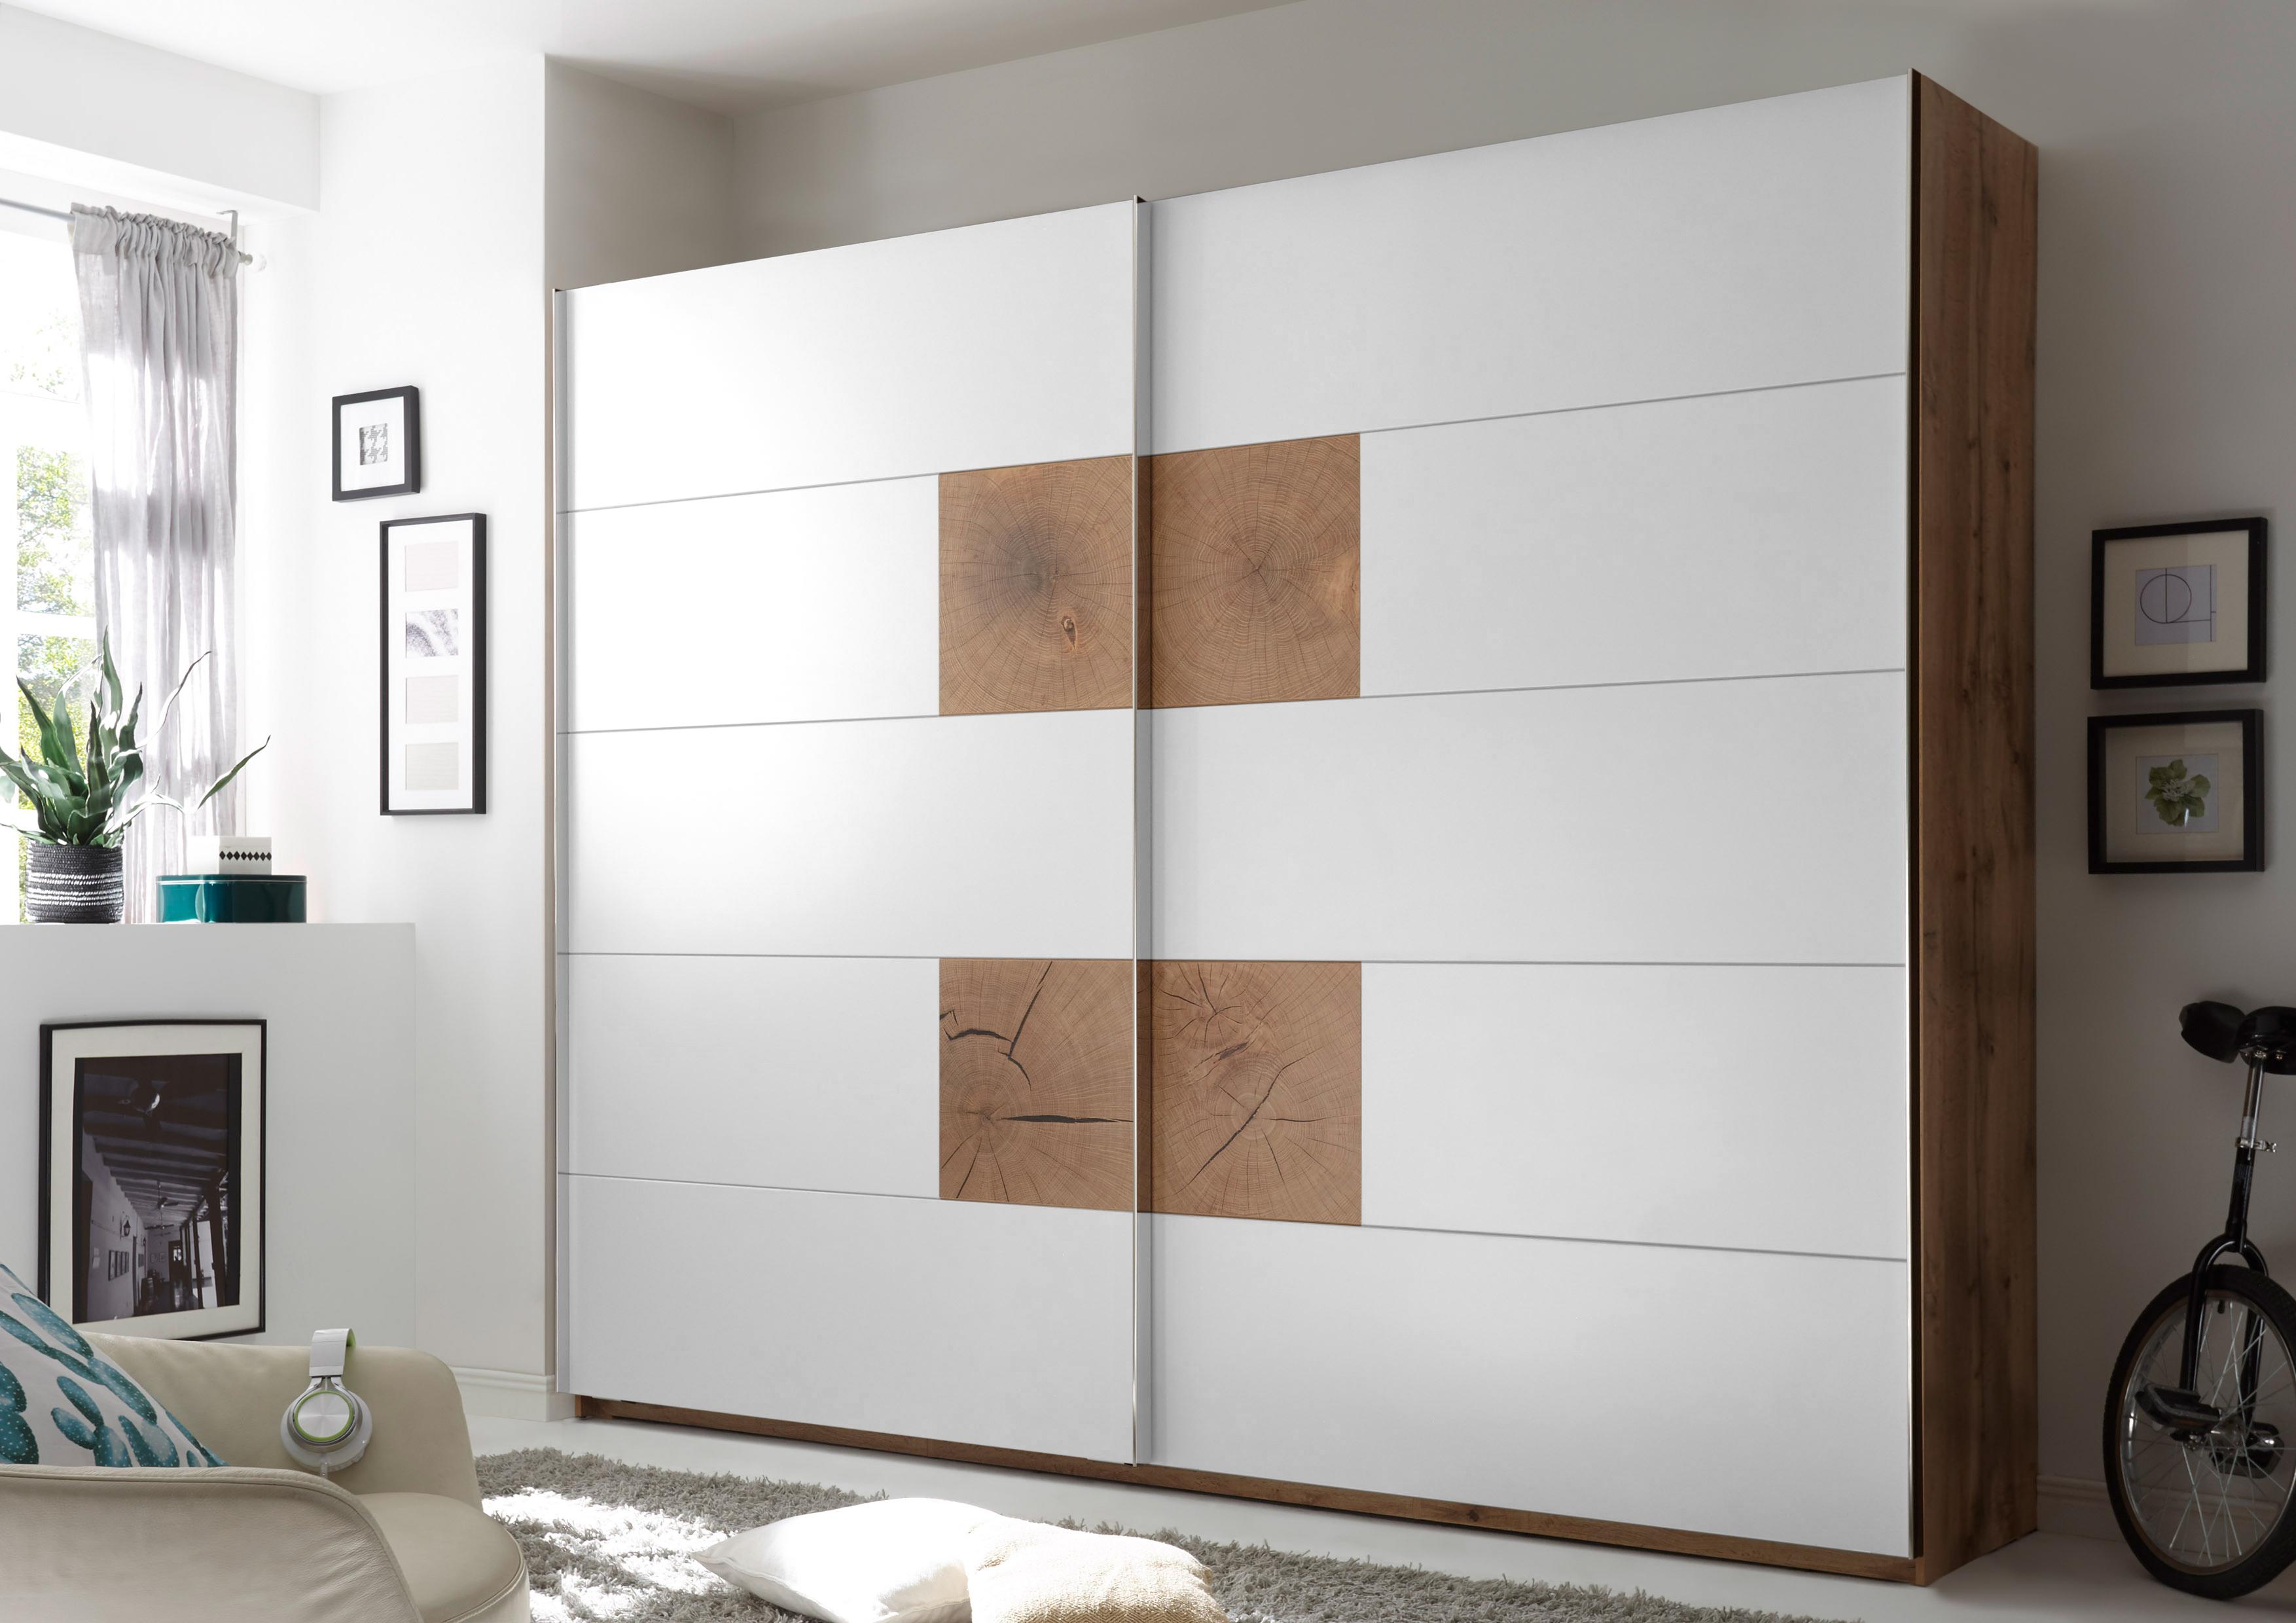 Details zu Schwebetürenschrank CAPRI Kleiderschrank Schrank Schlafzimmer  weiß Eiche 270cm